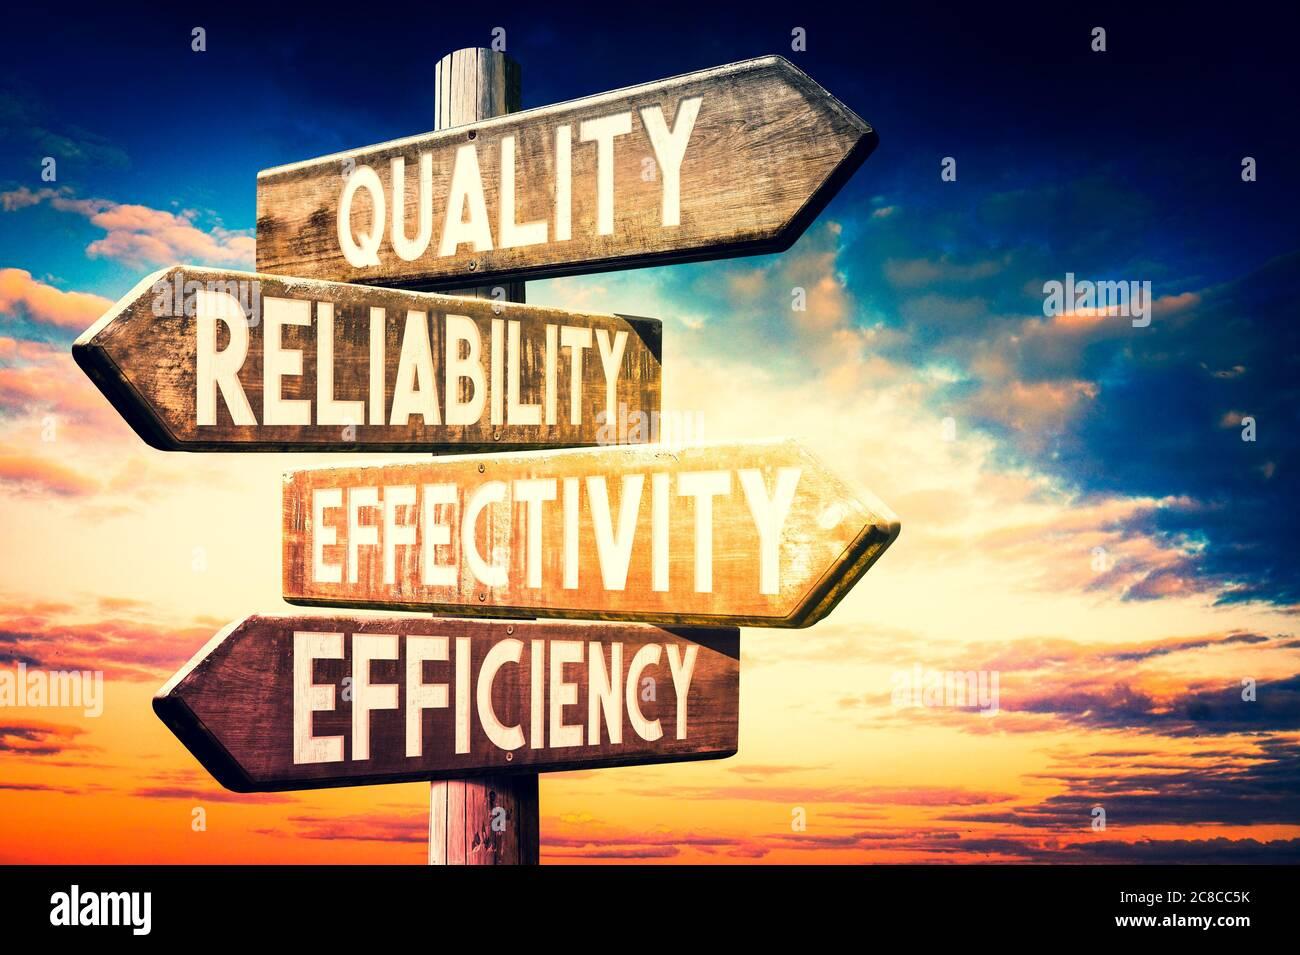 Qualité, fiabilité, efficacité, efficacité - panneau en bois, panneau routier avec quatre flèches Banque D'Images